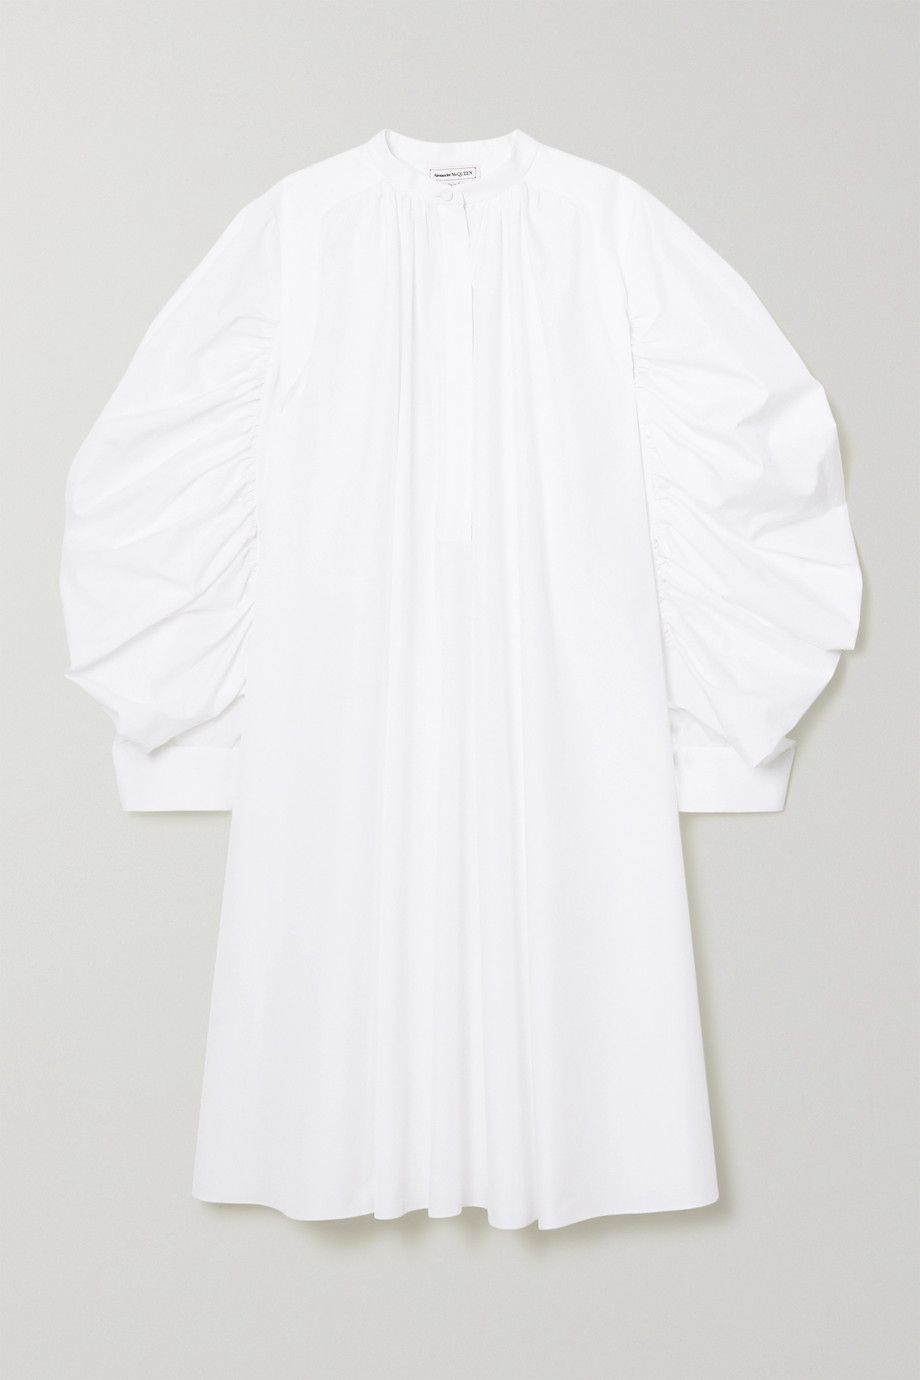 Alexander McQueen Ruched cotton-poplin shirt dress